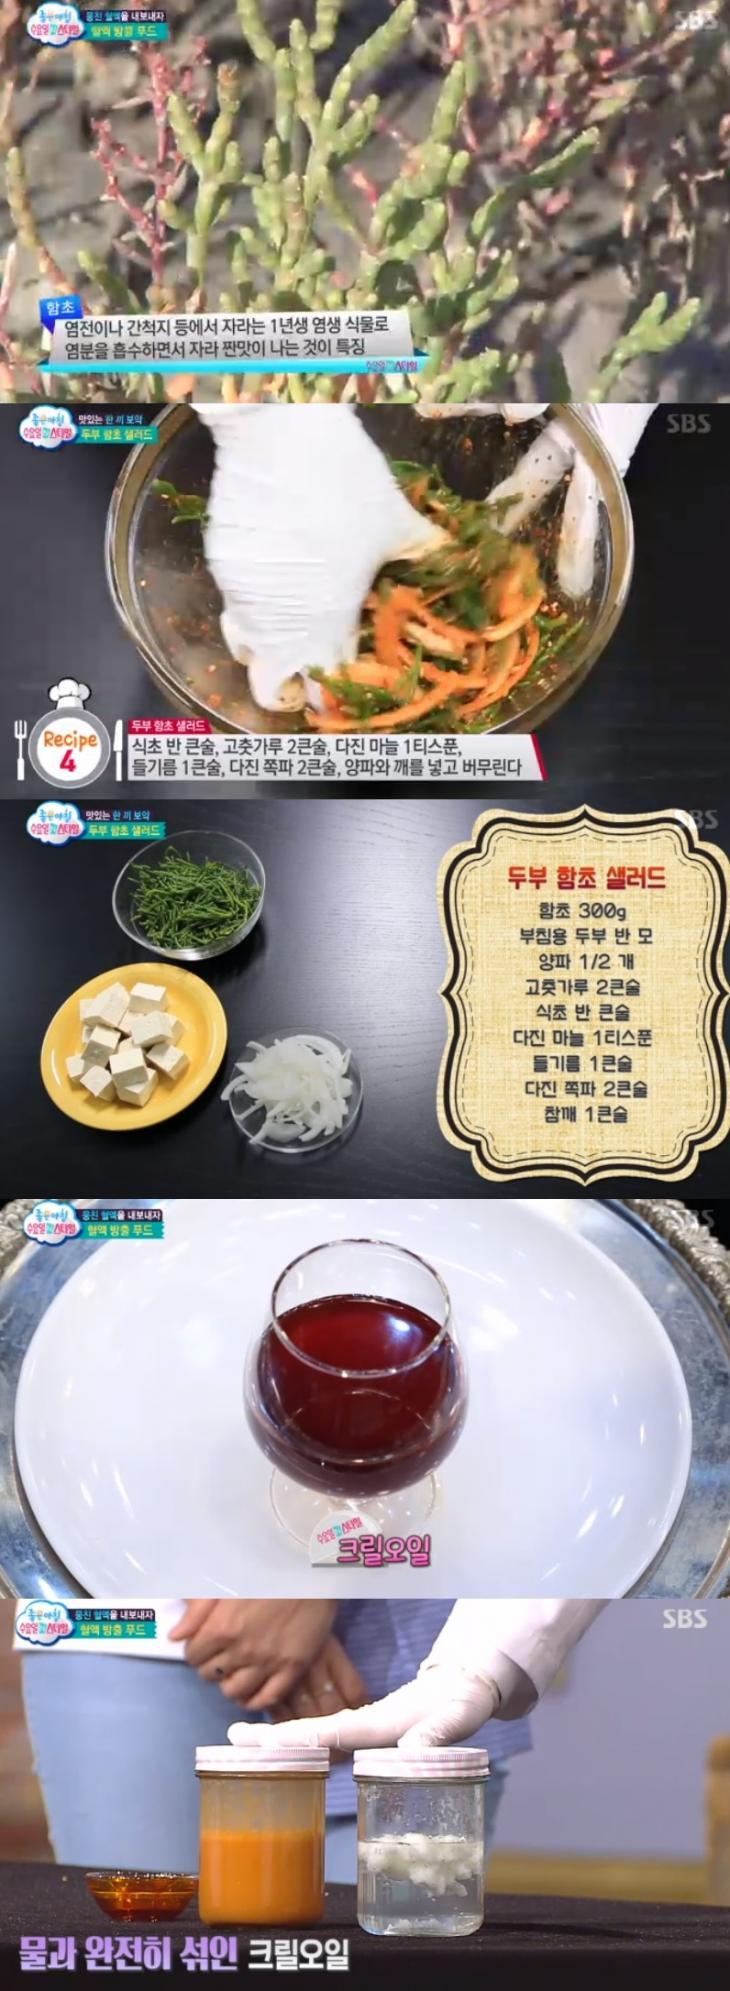 SBS '생방송 좋은 아침' 캡처